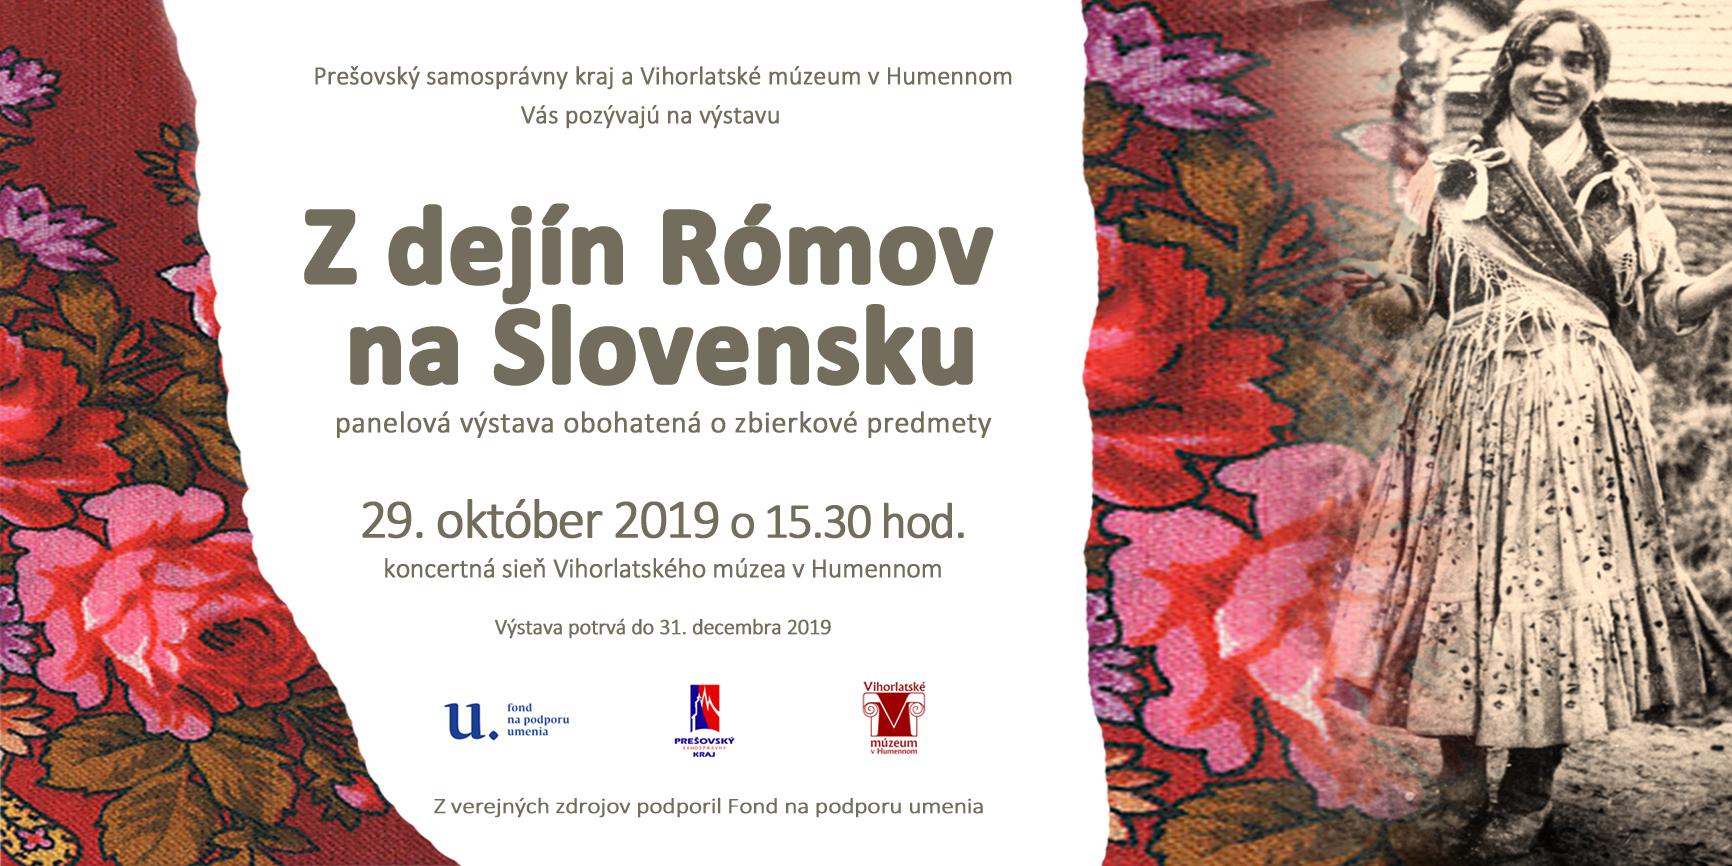 Z dejín Rómov na Slovensku - panelová výstava obohatená o zbierkové predmety - 29.10.2019 o 15:30 hod. - koncertná sieň Vihorlatského múzea v Humennom - Výstava potrvá do 31.12.2019